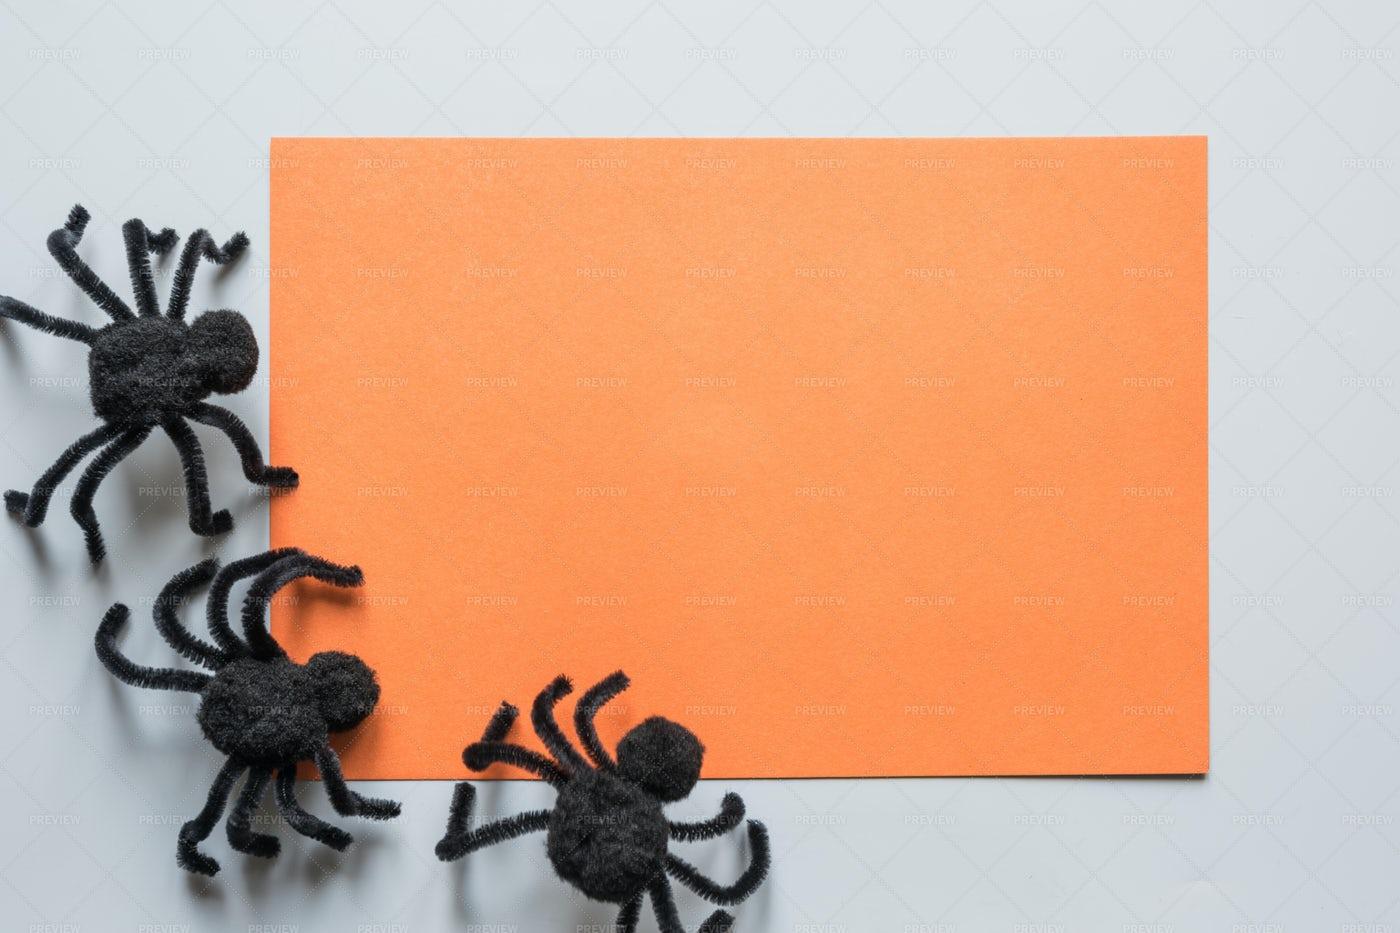 Blank Halloween Invitation: Stock Photos